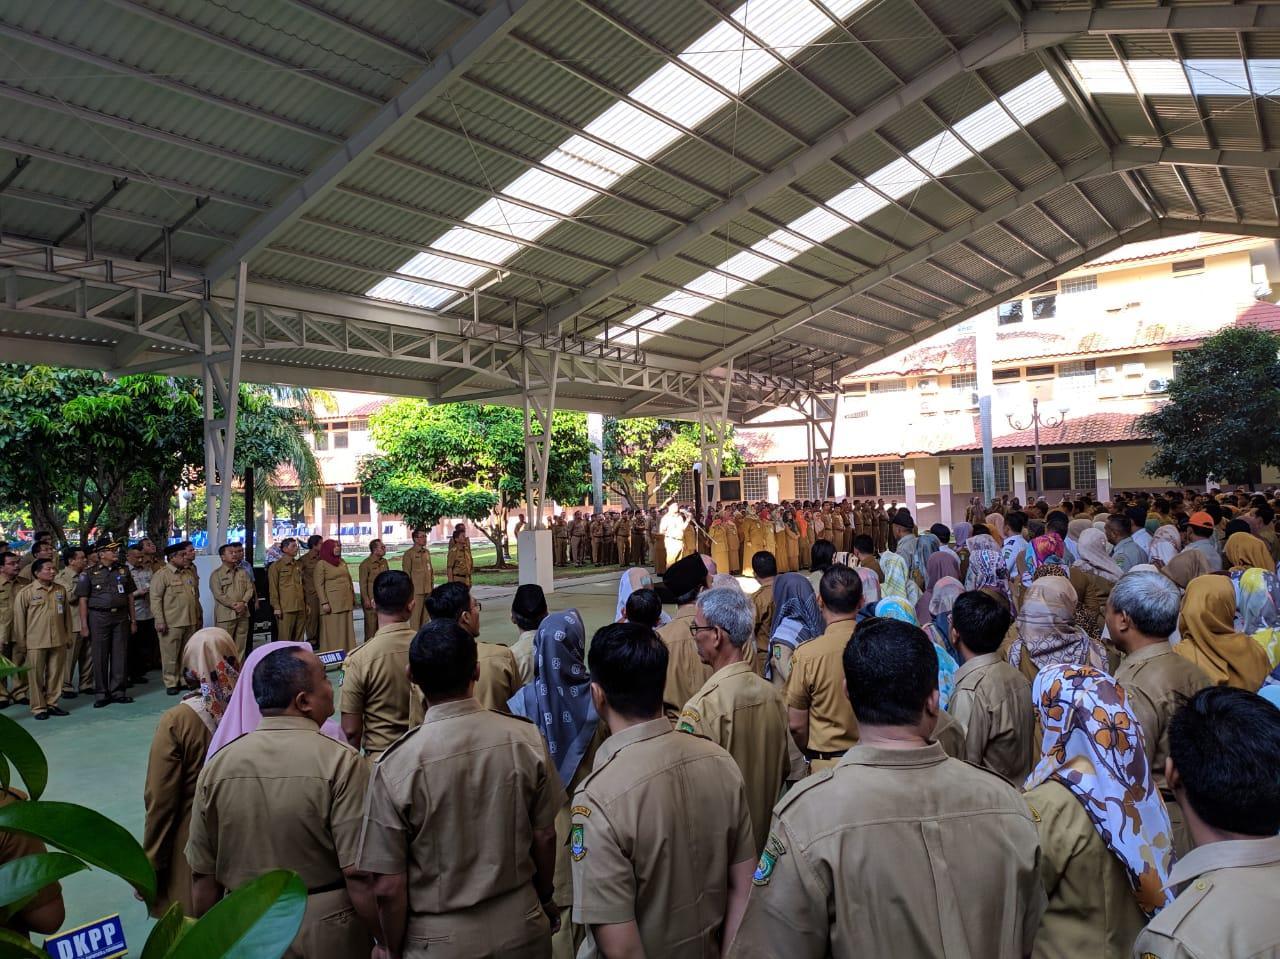 Tampak para pegawai negeri sipil (PNS) di lingkungan Pemerintah Kota (Pemkot) Tangerang yang terlambat tidak mengikuti apel pagi, Senin (10/6/2019).